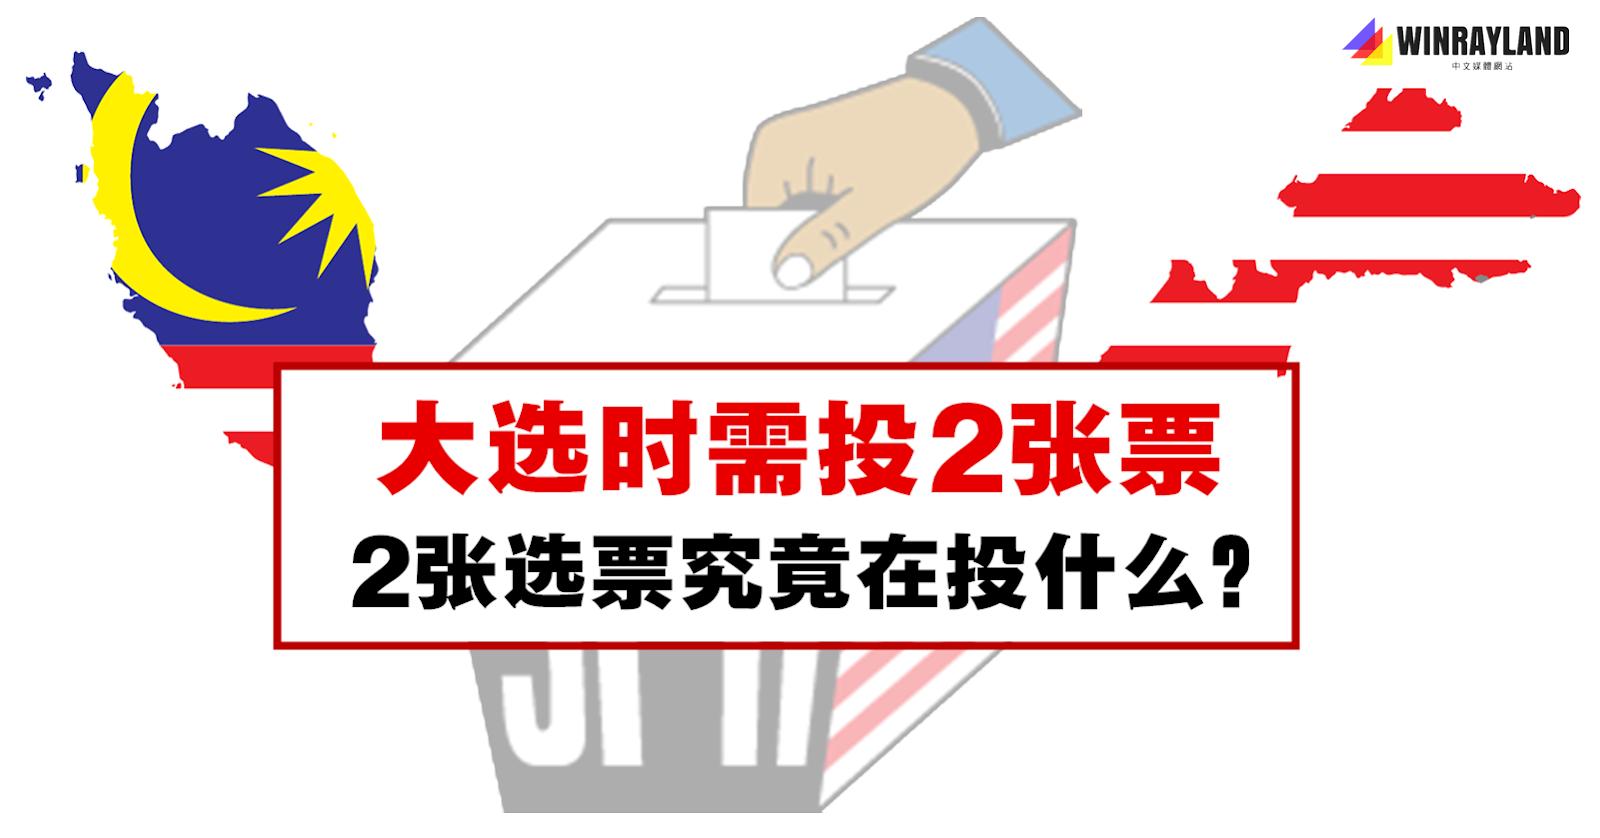 大选投的2张票究竟在投什么?